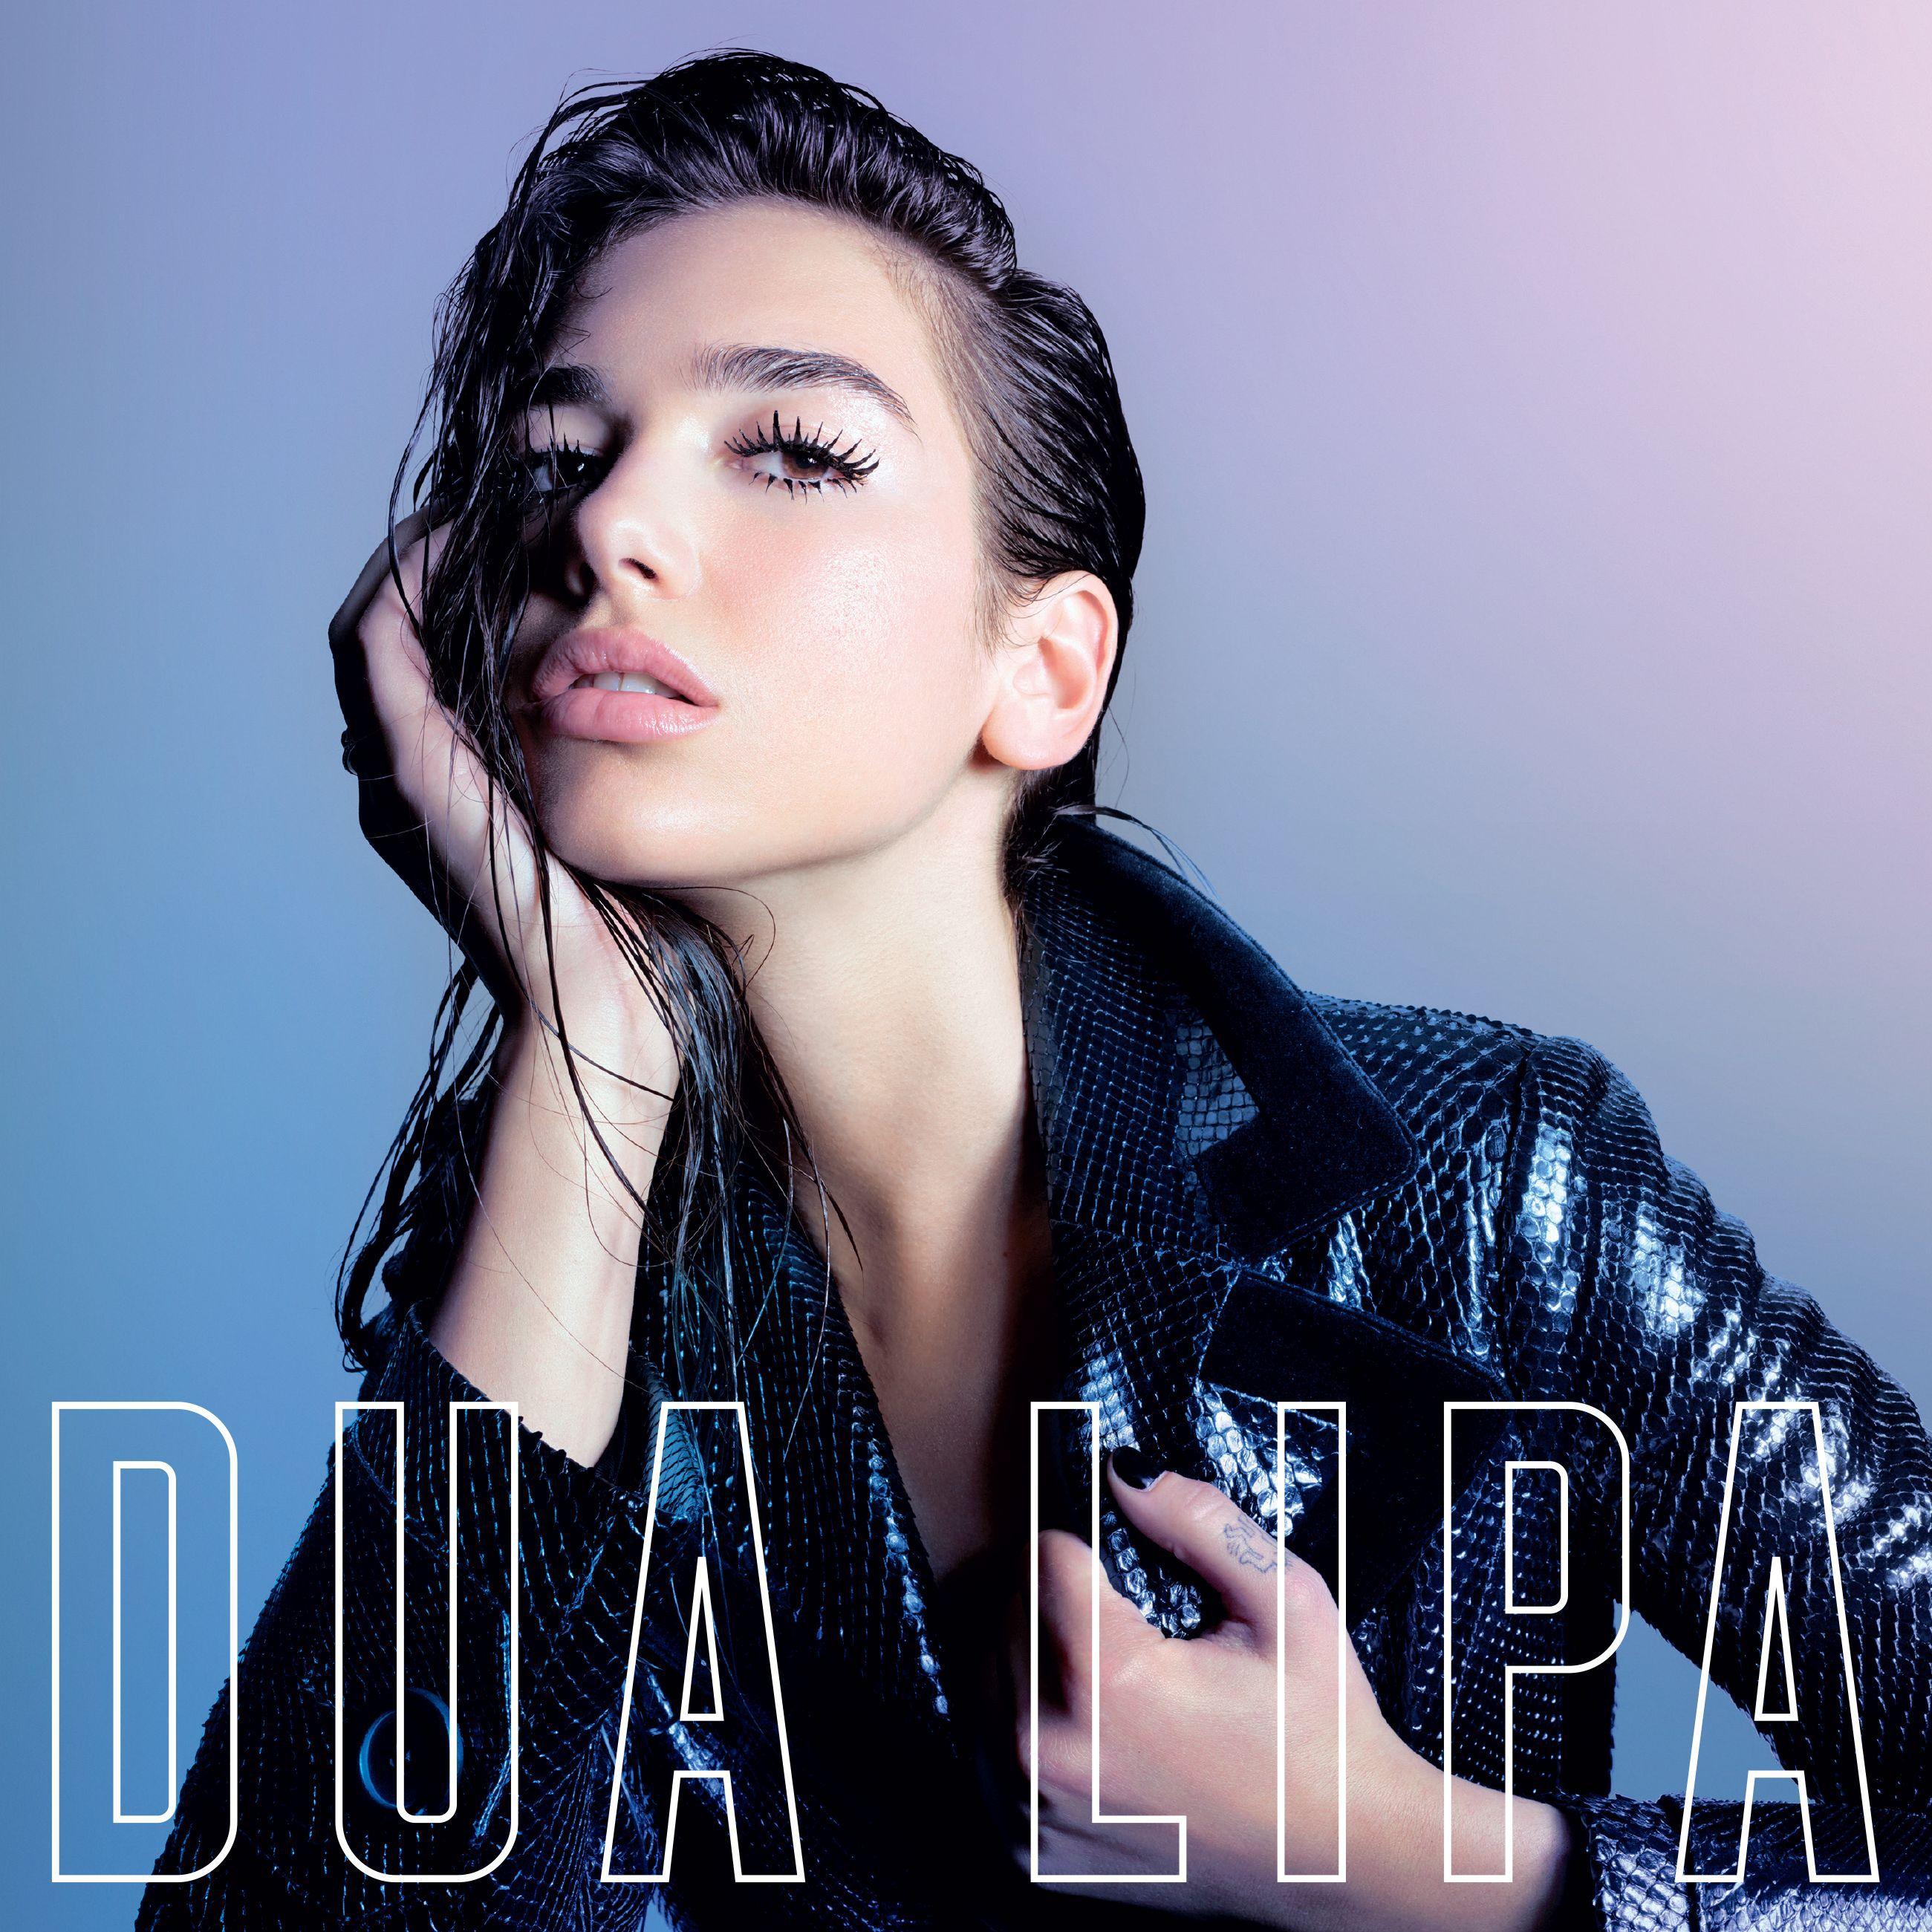 Dua Lipa - Dua Lipa album cover